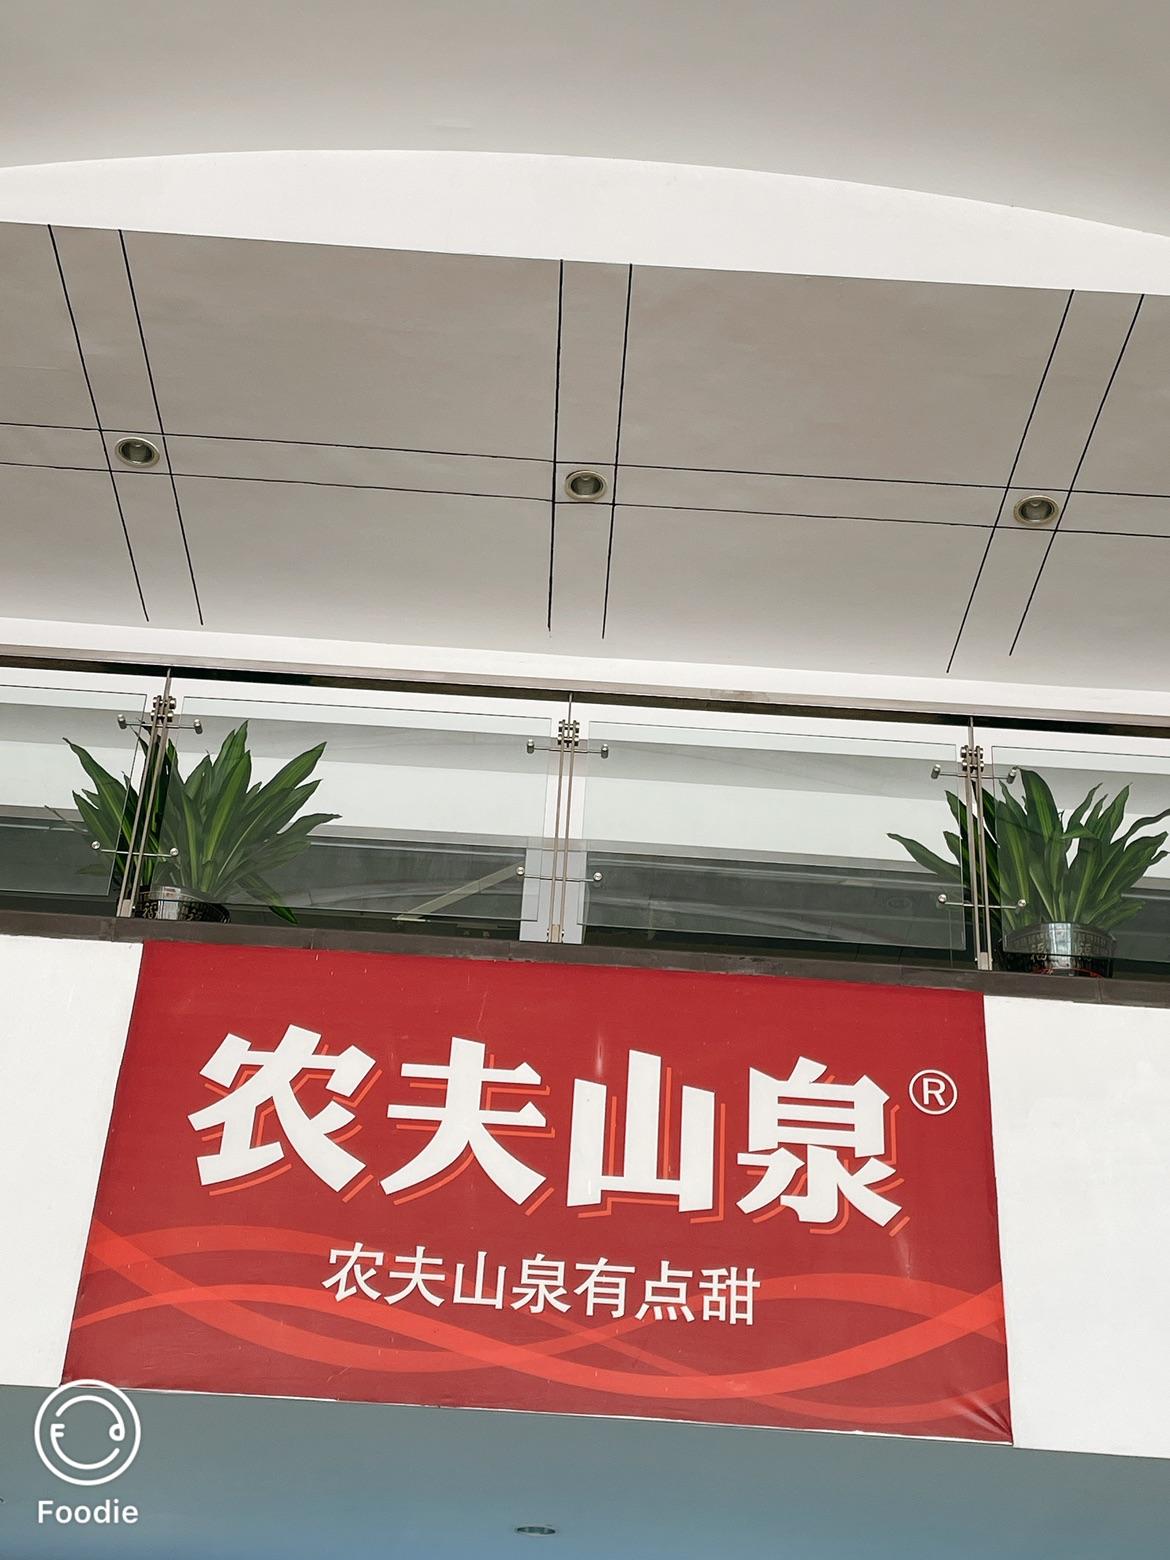 {农夫山泉股份有限公司 } 公司照片